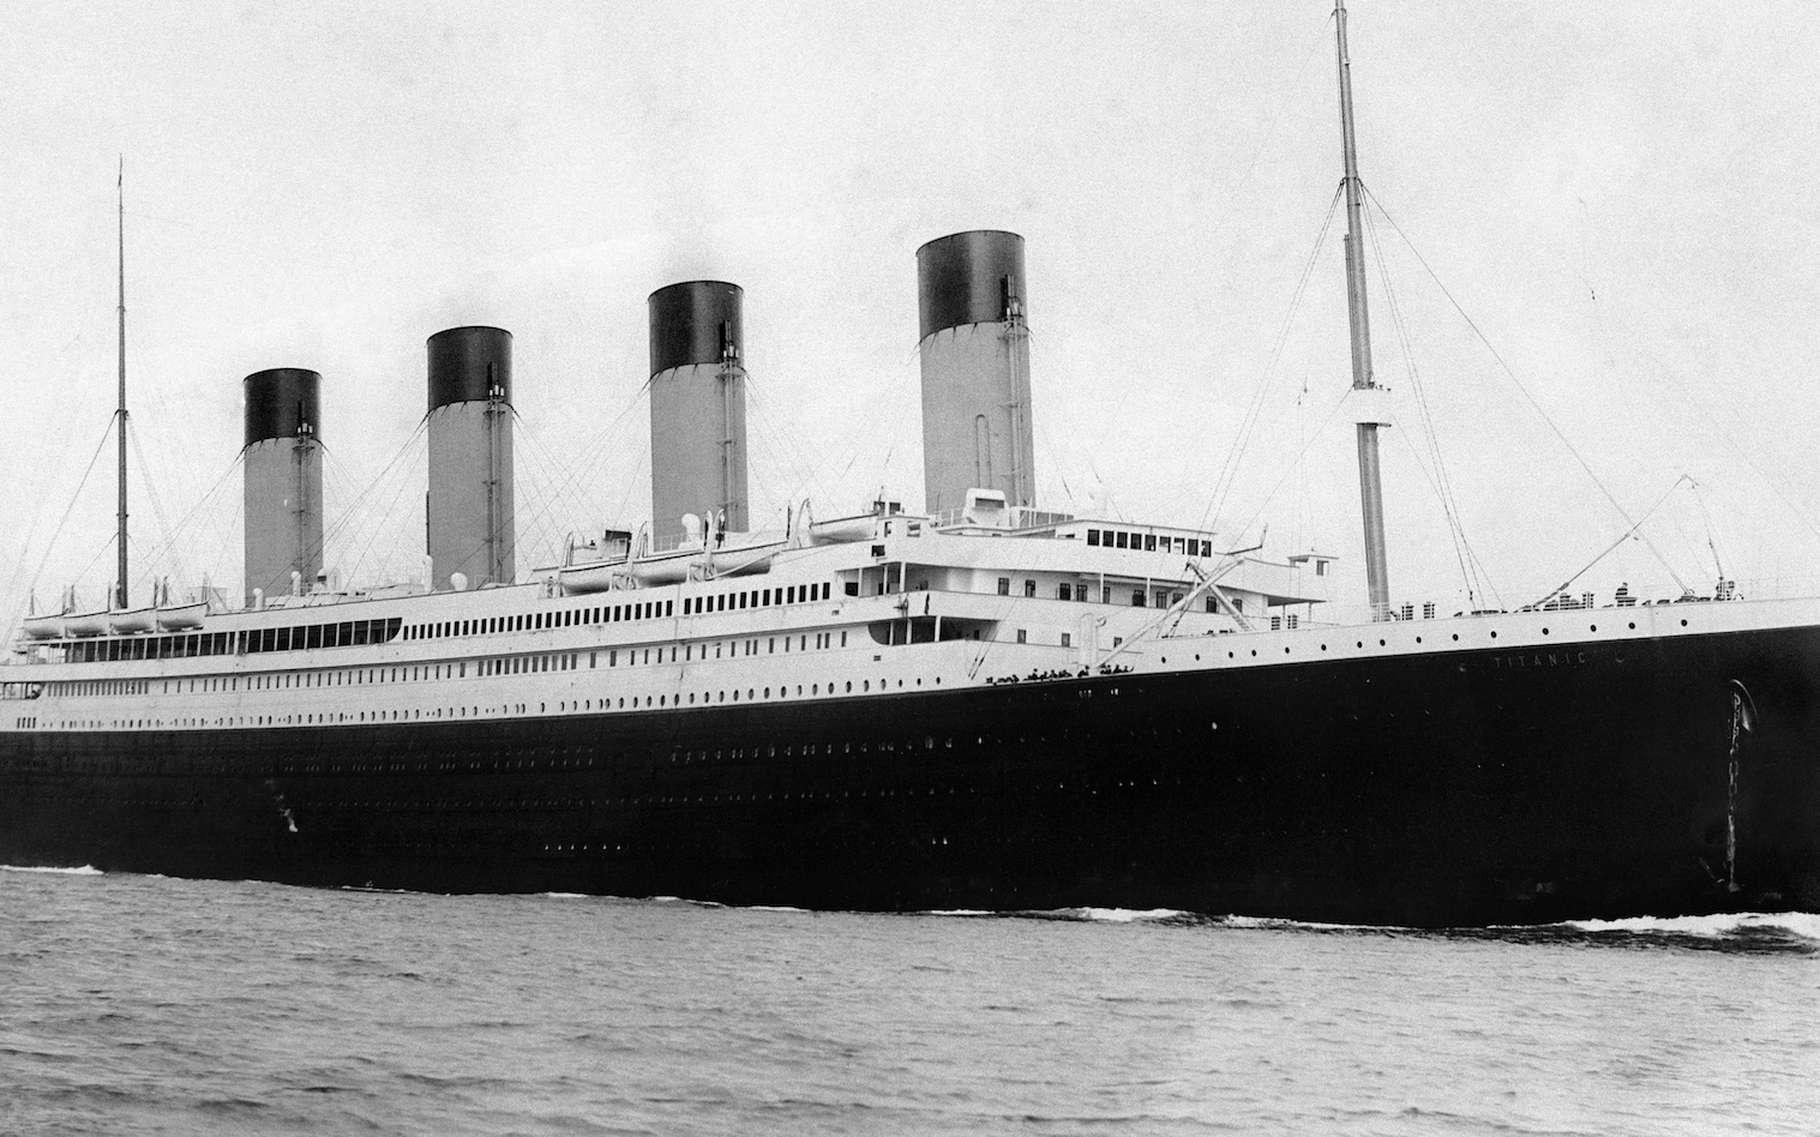 Le Titanic immortalisé à Southampton, le 10 avril 1912, quatre jours seulement avant son naufrage. Dans quel état les touristes d'OceanGate le découvriront-ils à partir de l'été 2019 ? © F.G.O. Stuart, Wikipedia, Domaine public